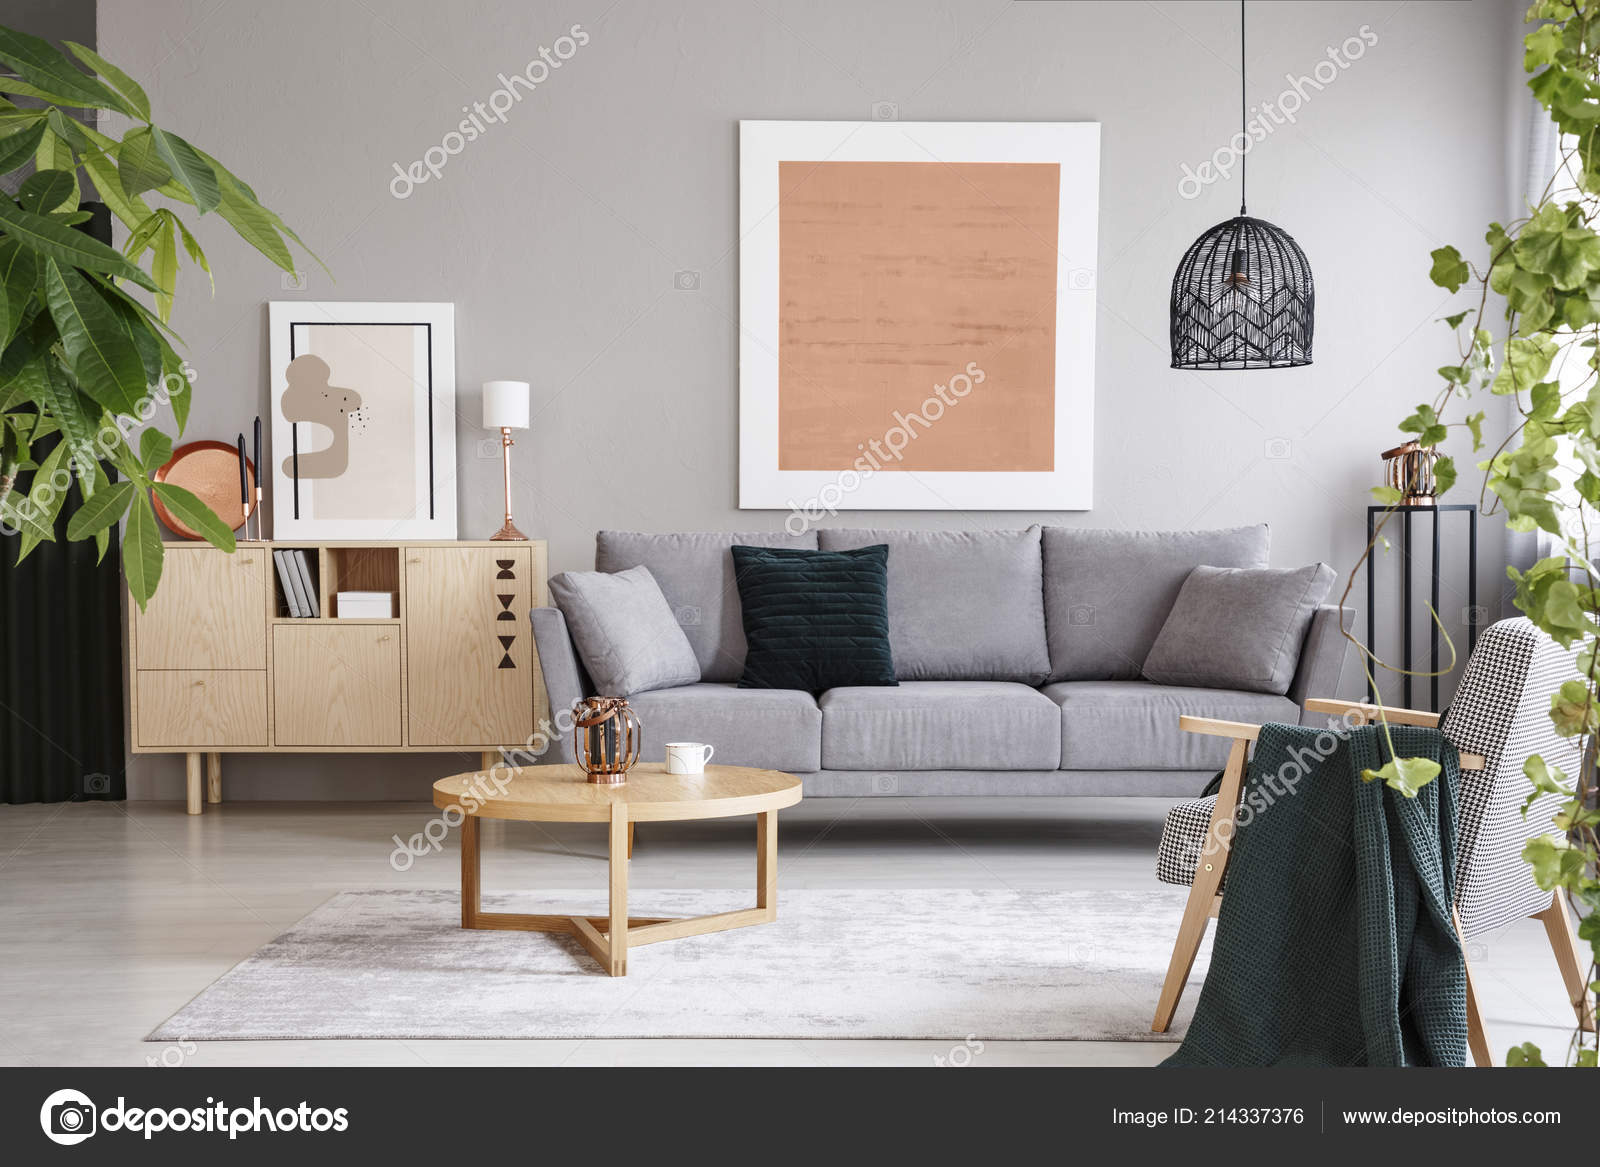 Rosa Plakat Oben Grau Sofa Wohnzimmer Interieur Mit ...